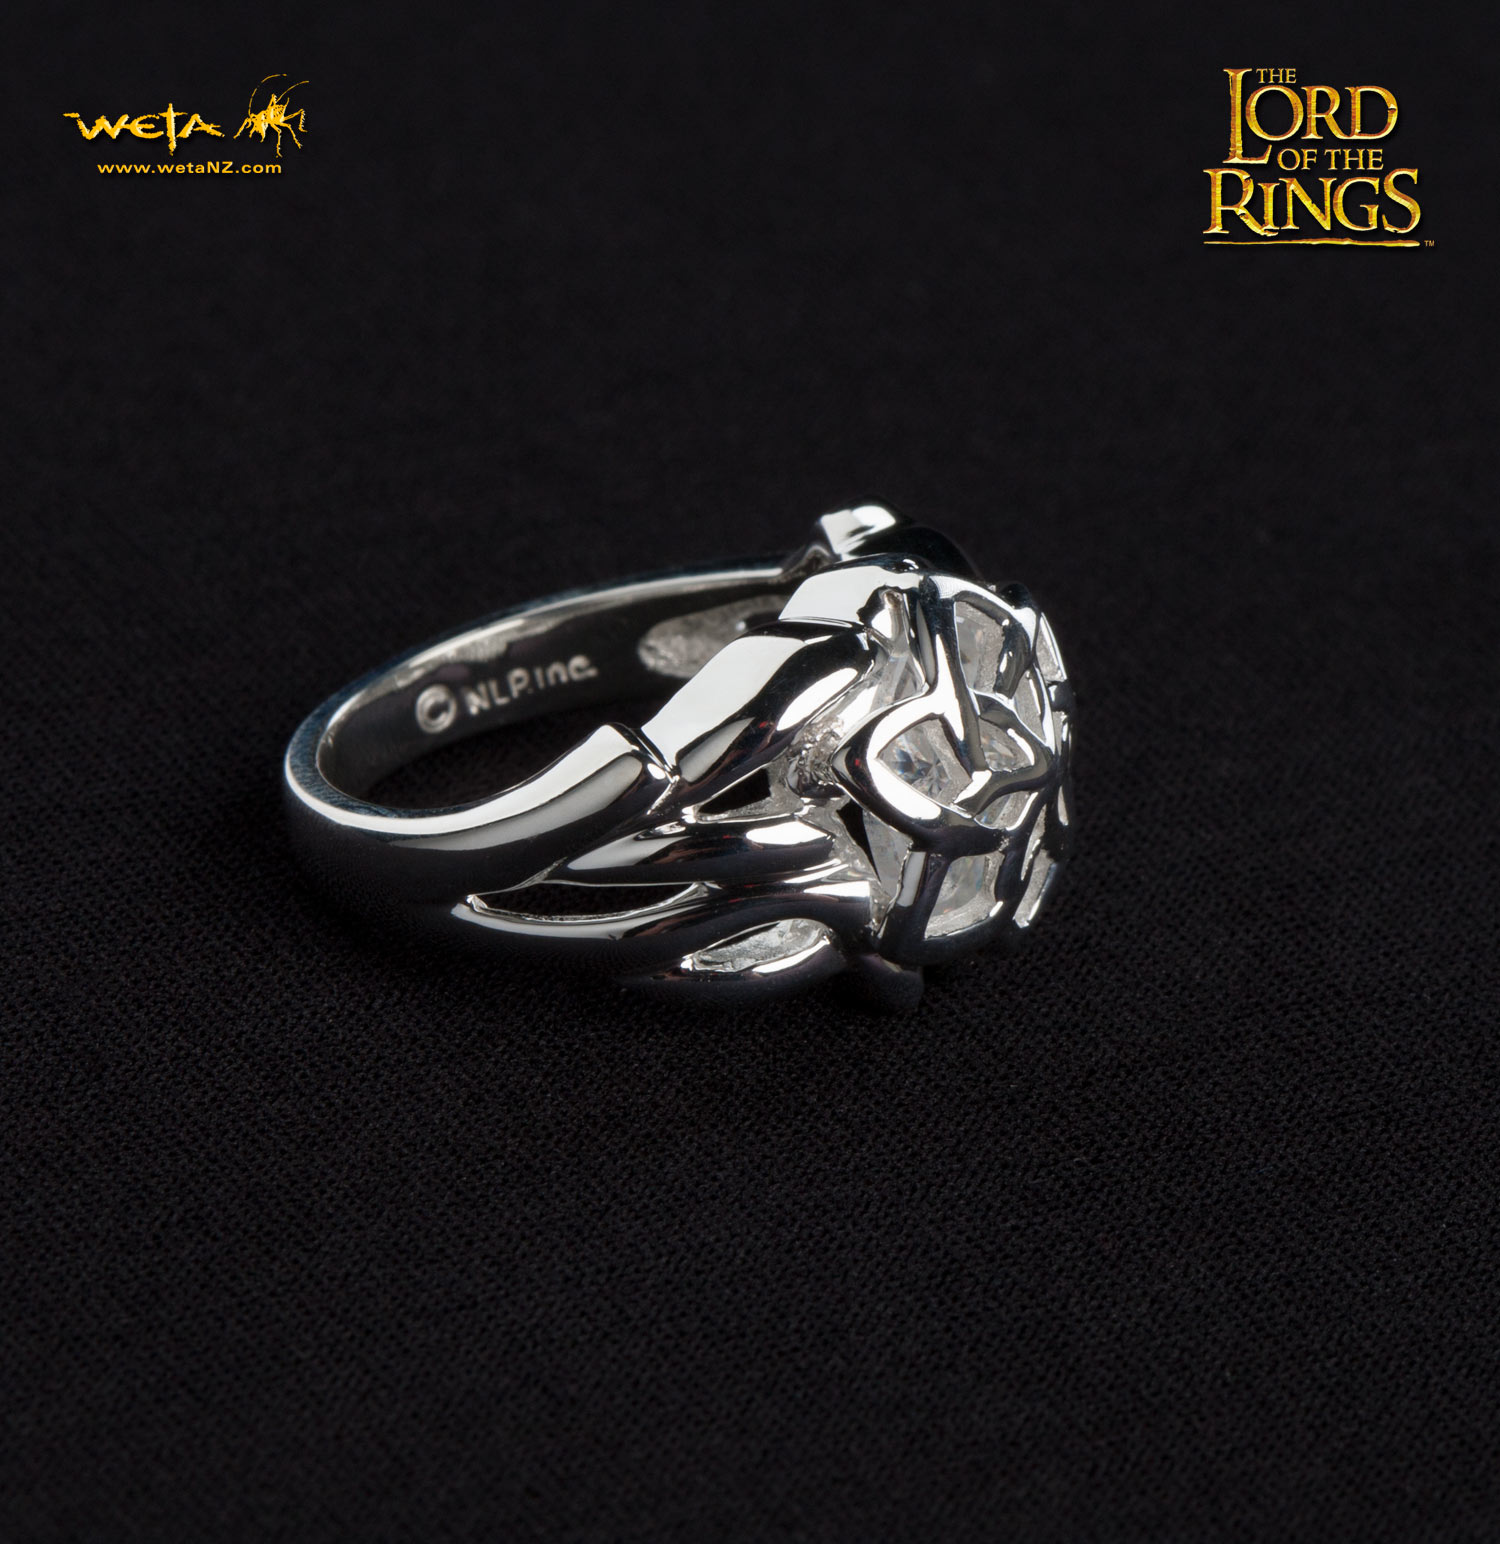 ロード・オブ・ザ・リング ネンヤ−ガラドリエルの指輪−スターリングシルバー